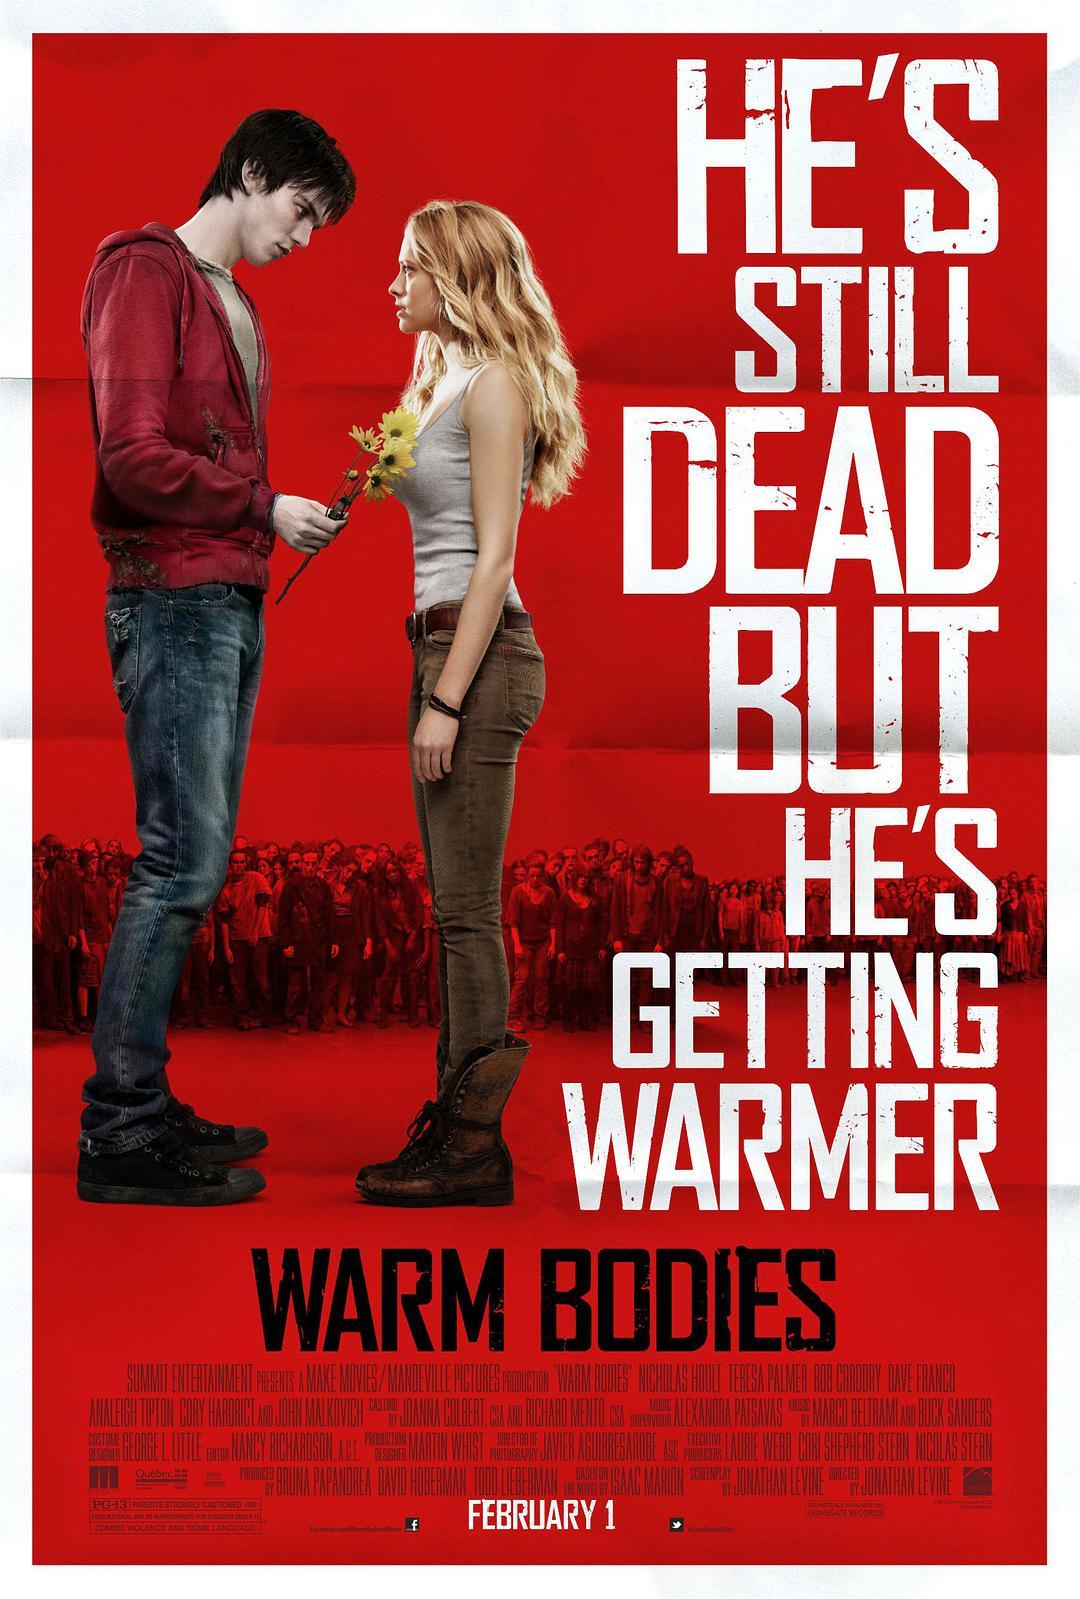 温暖的尸体